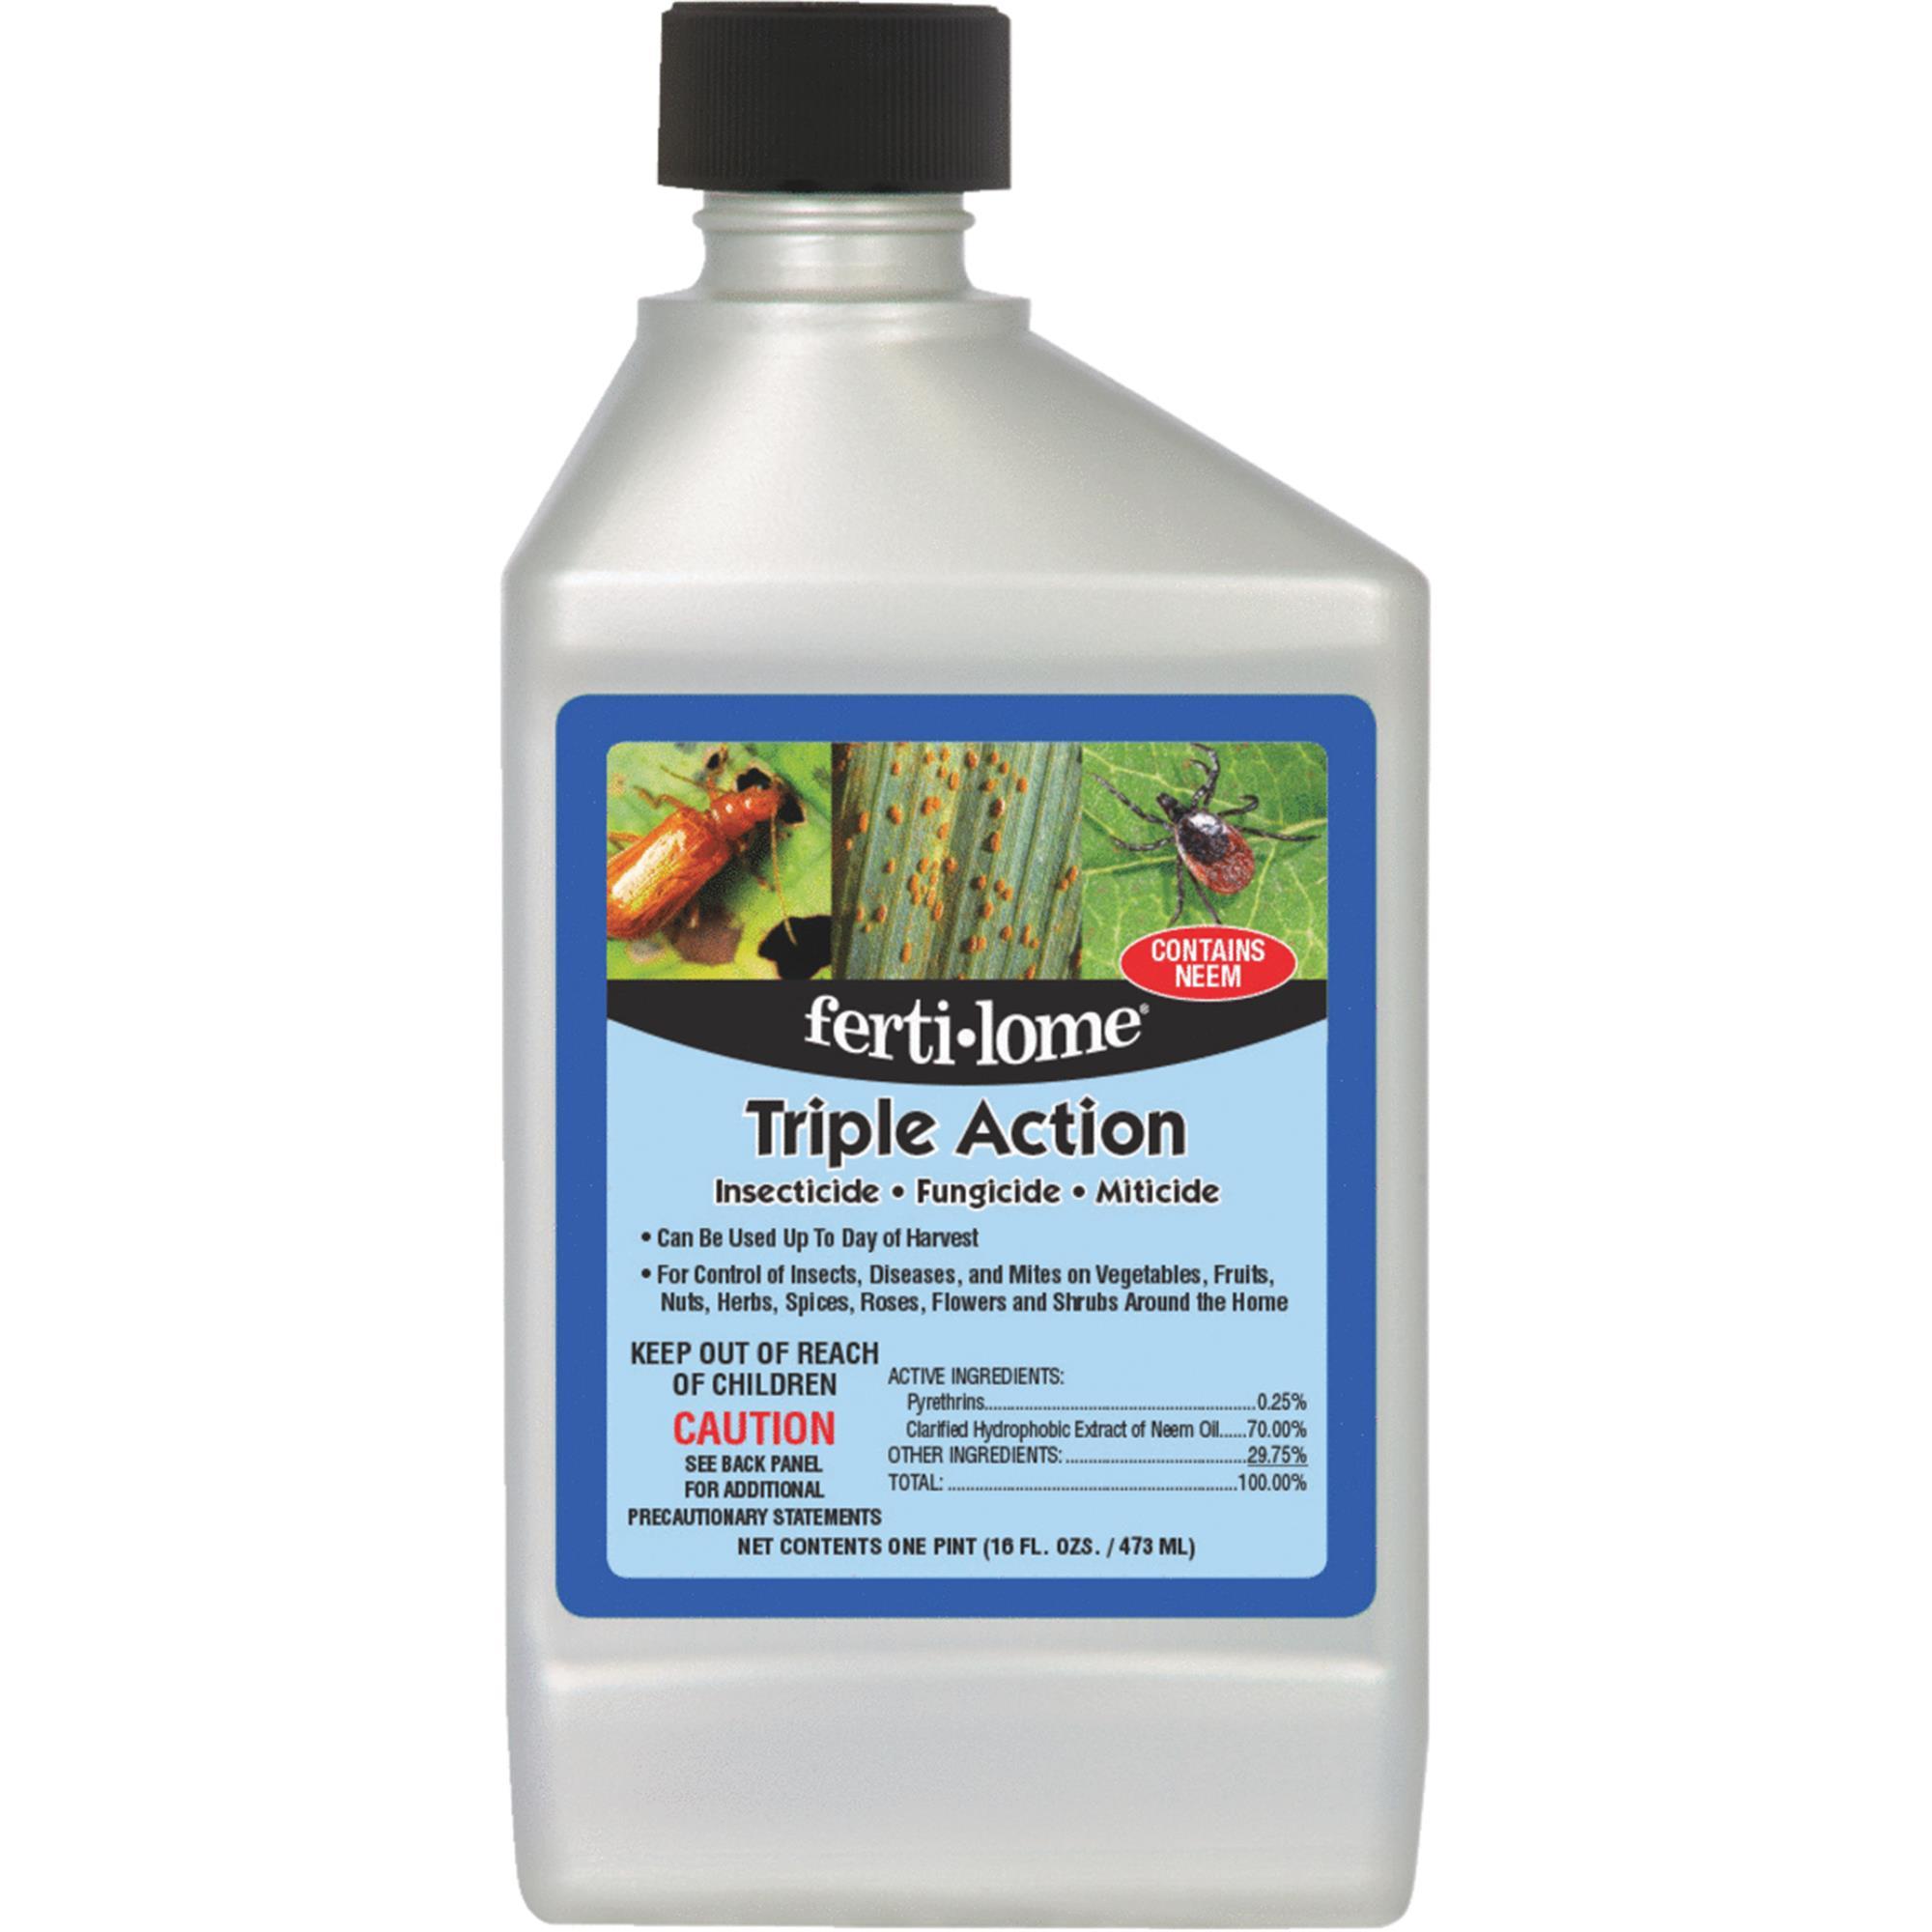 Fertilome Triple Action Plus Disease Control